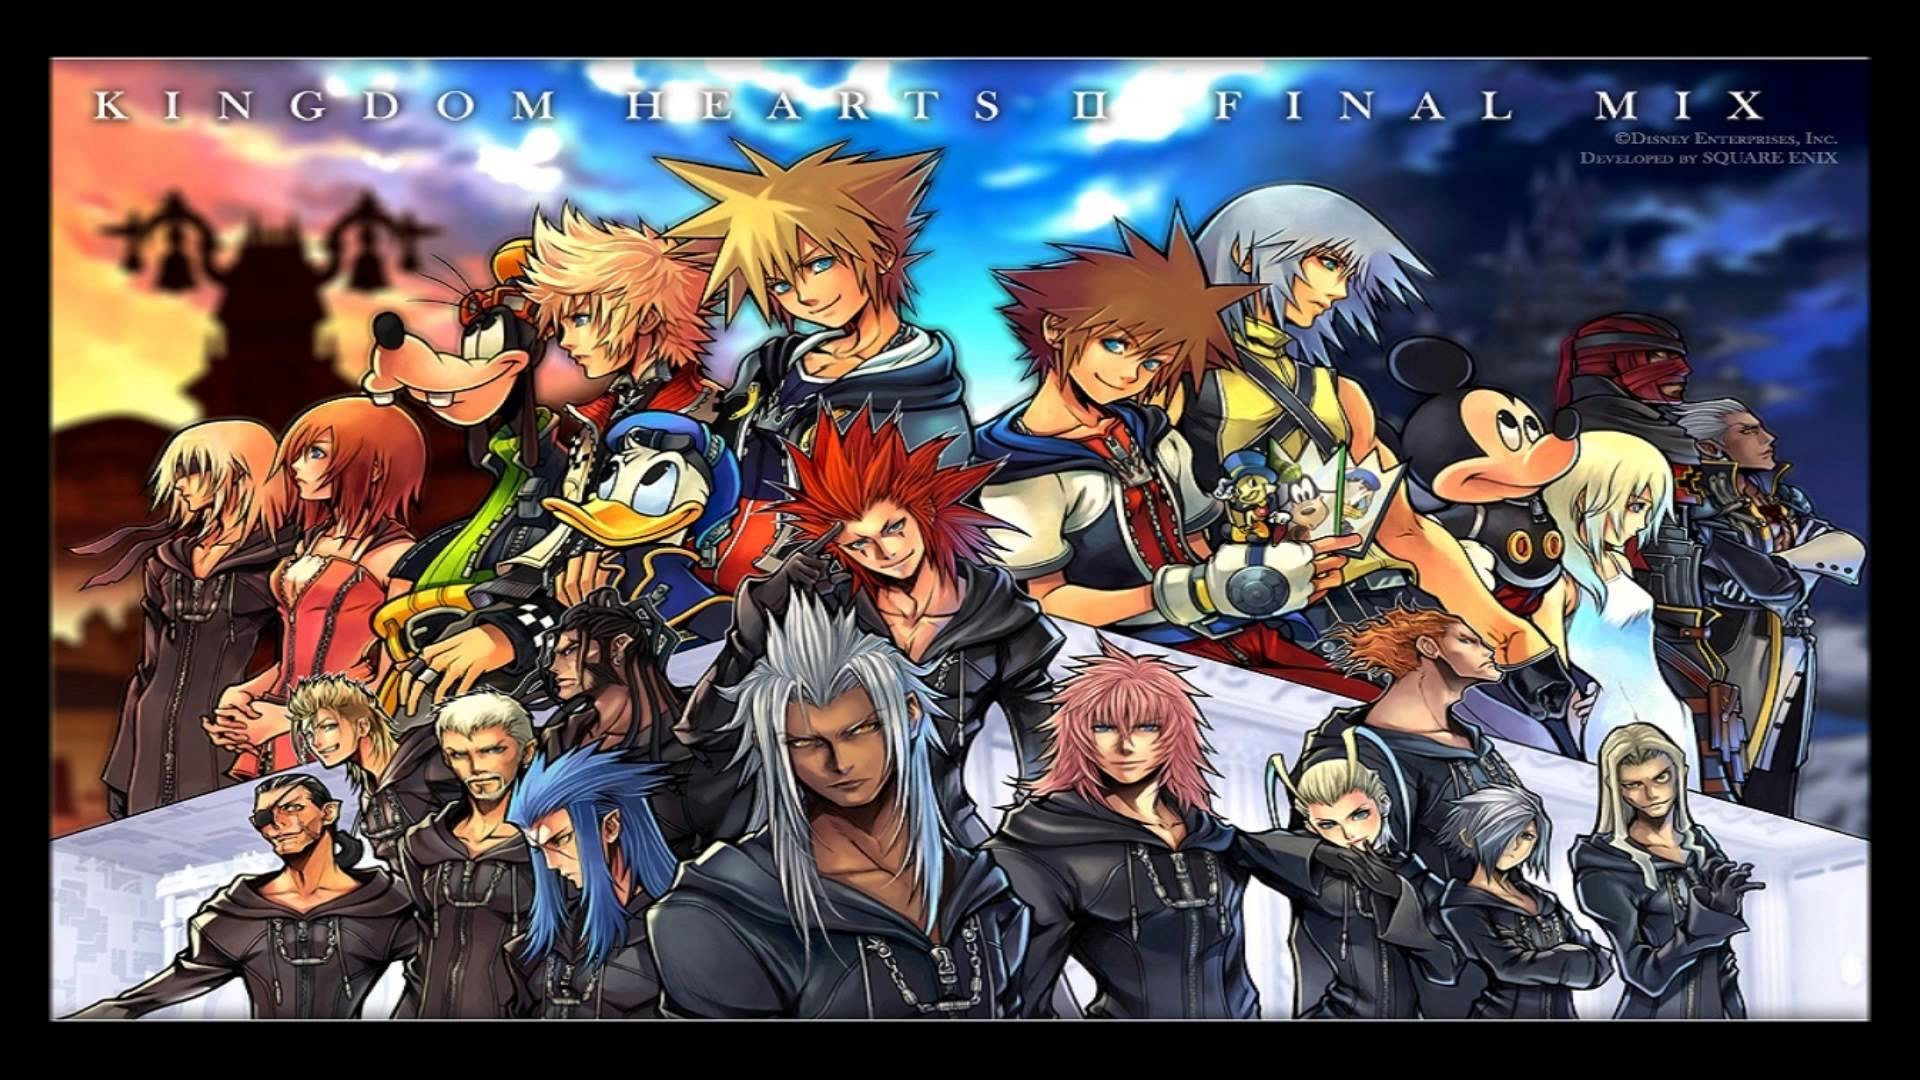 Kingdom Hearts 2 Final Mix Wallpaper 72 Images